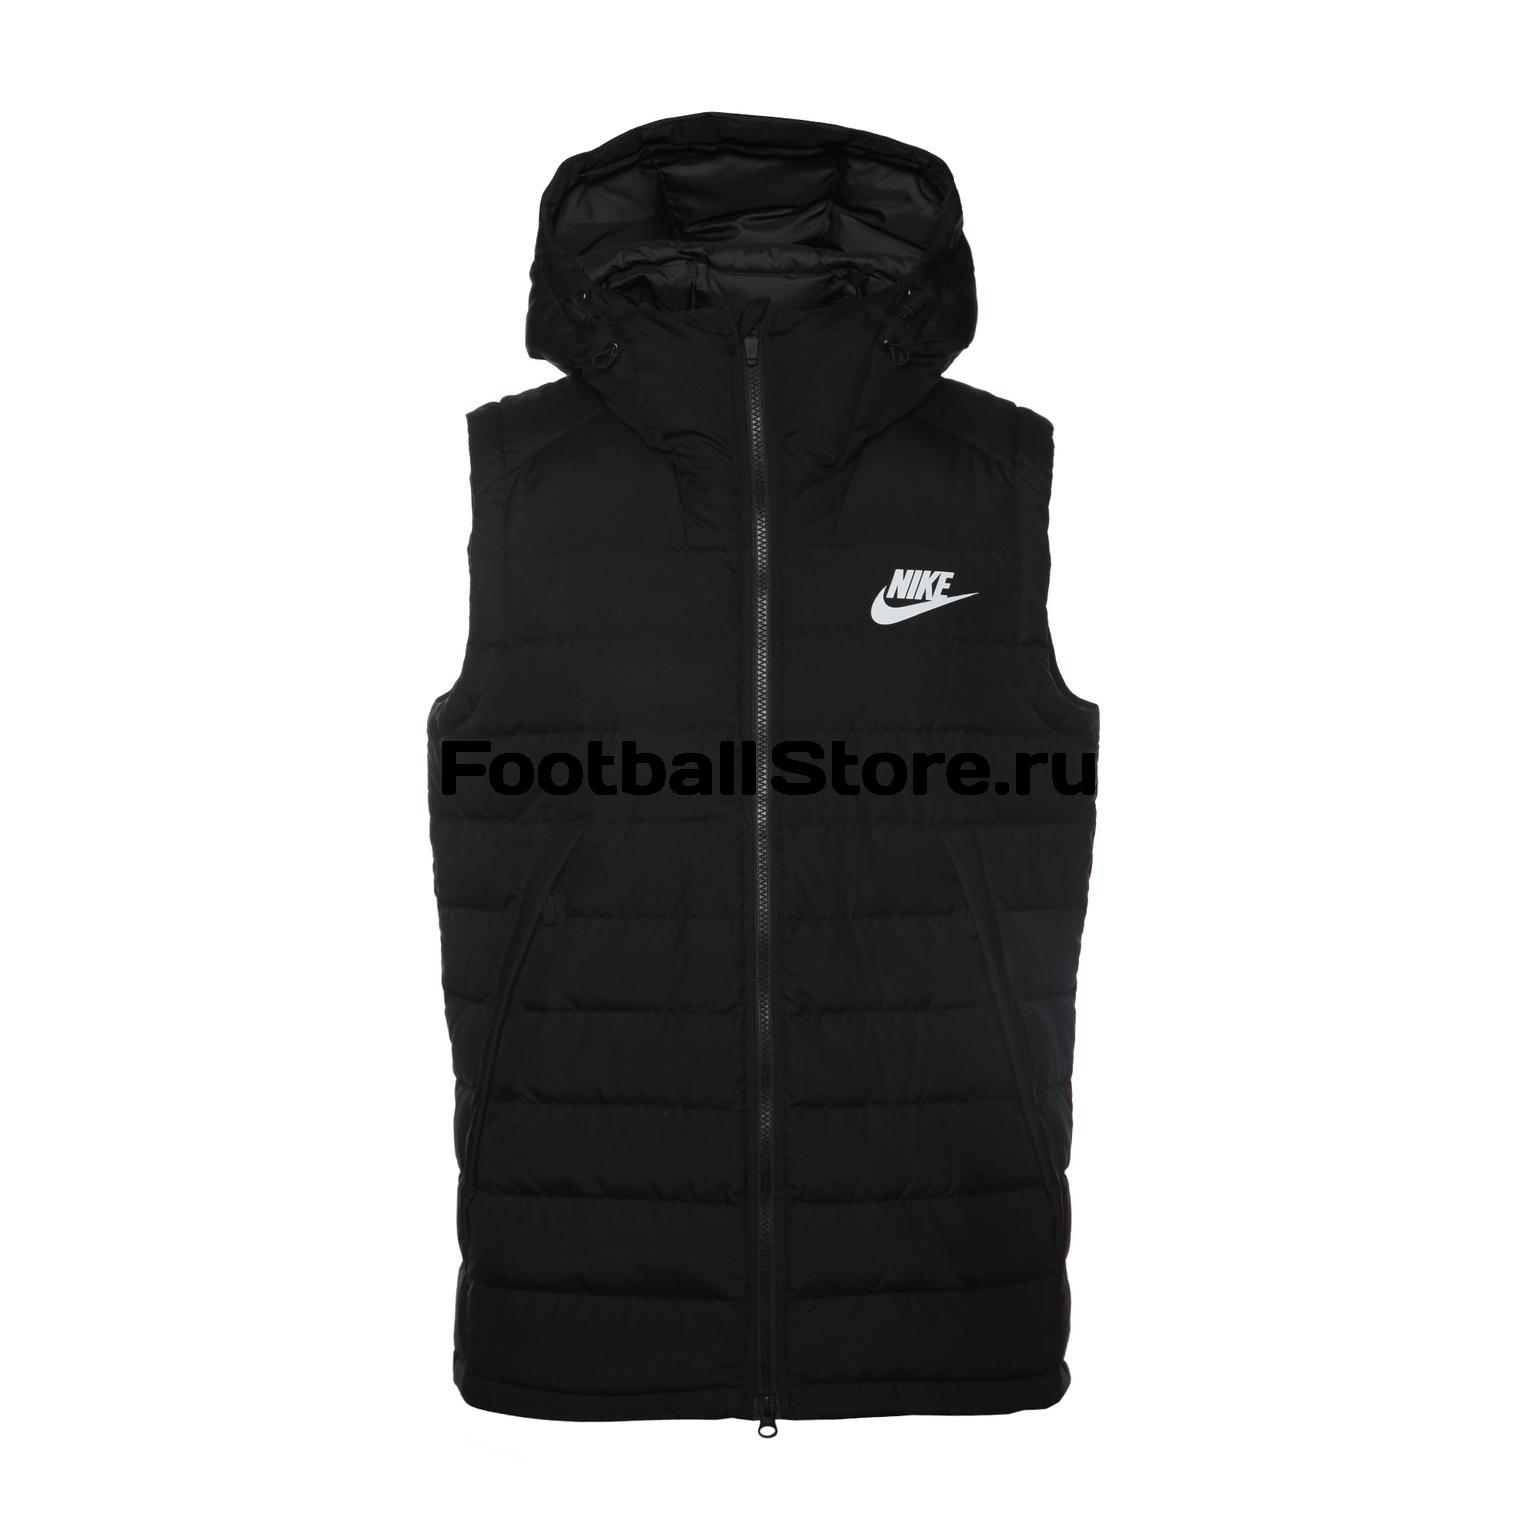 Куртки/Пуховики Nike Жилет Nike NSW Down Fill 806858-012 щипцы remington ci 2725 ci 2725